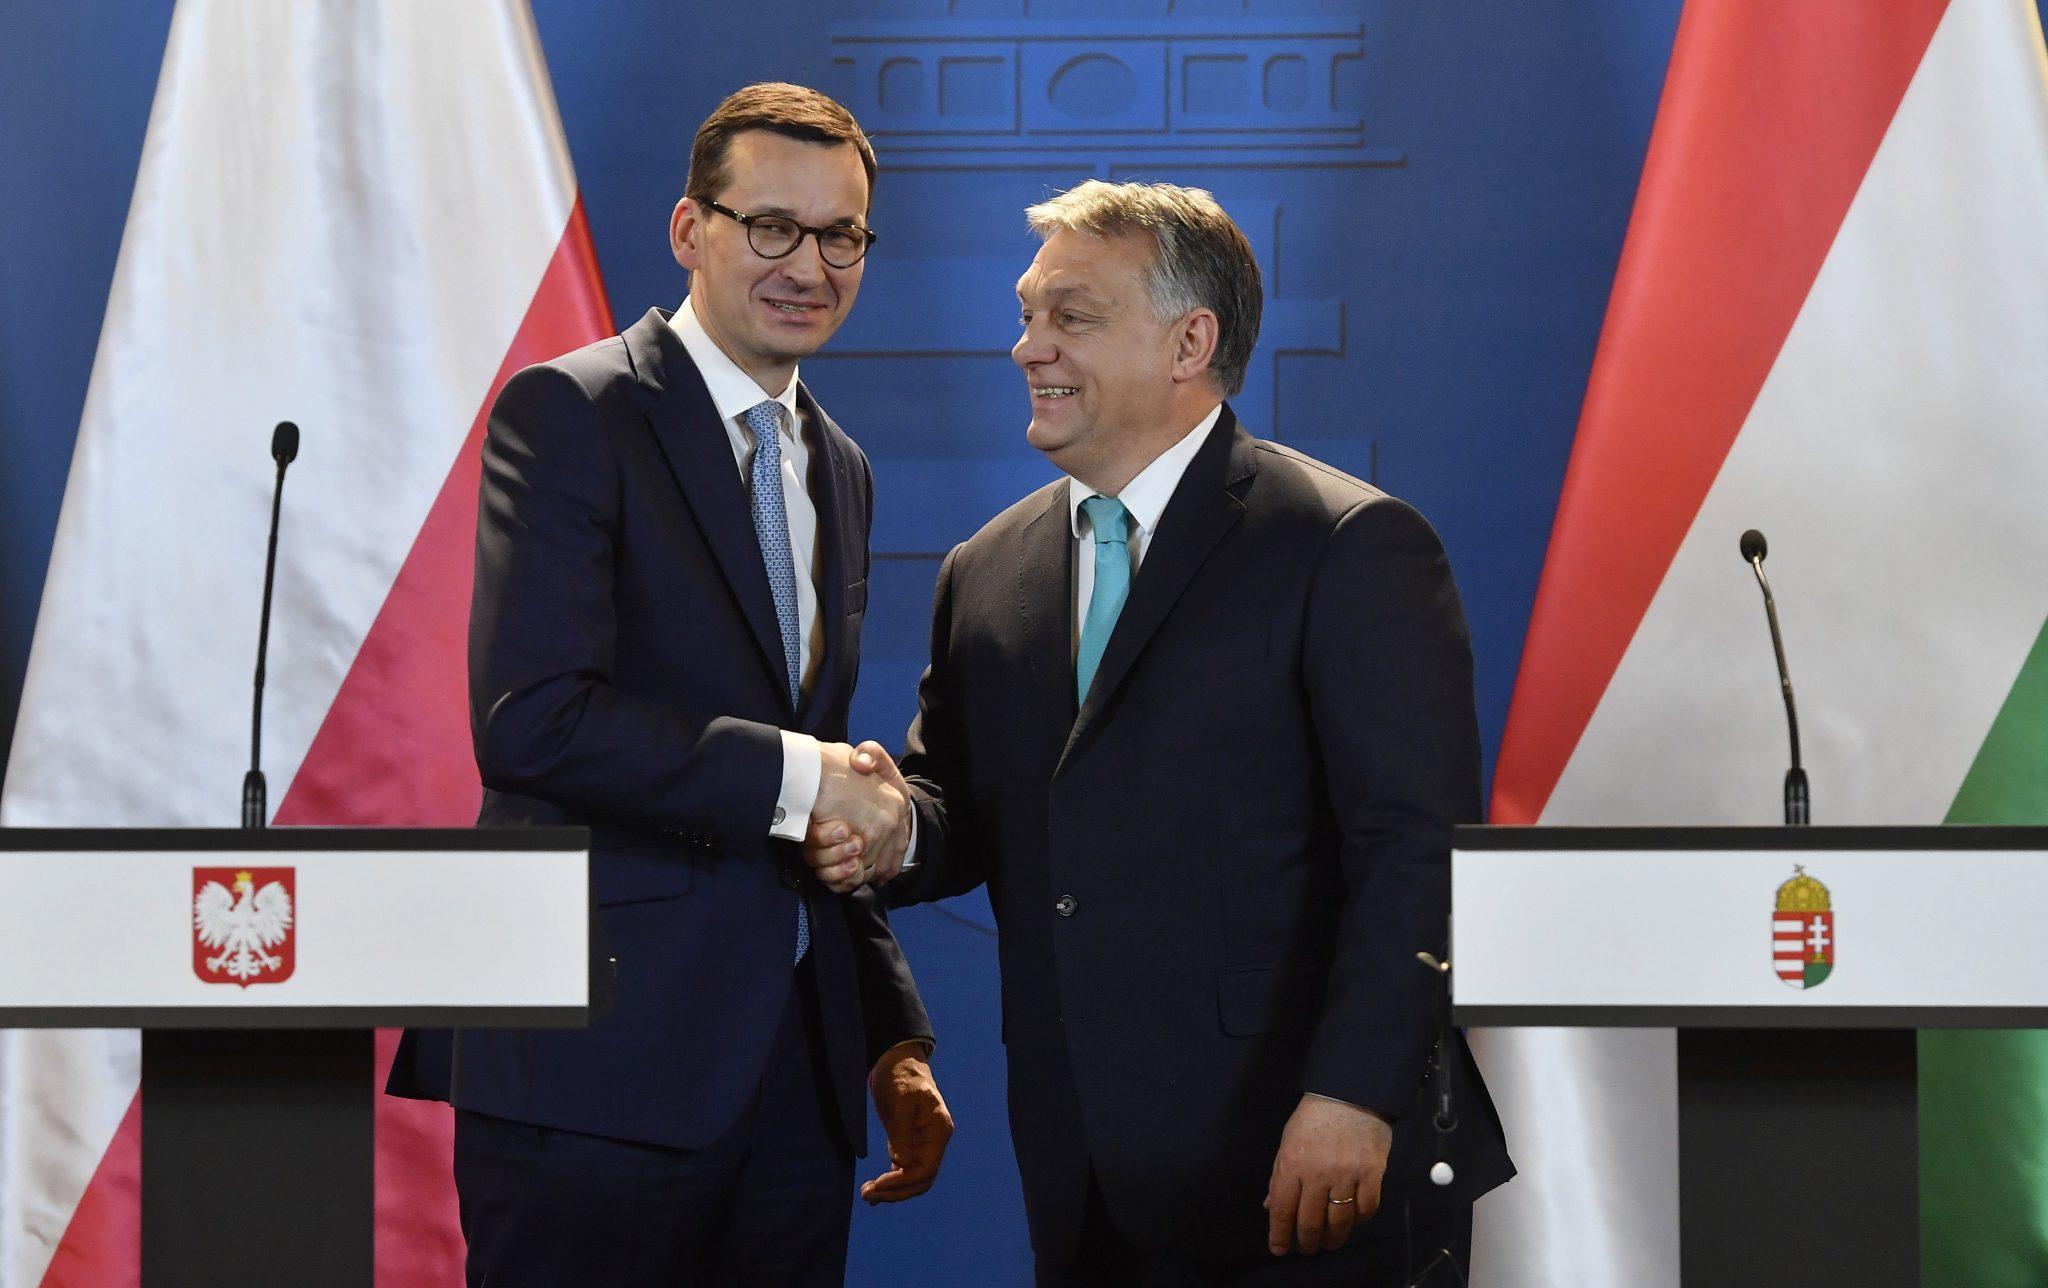 """""""Copiii rebeli"""" ai Uniunii Europene au bătut palma: Polonia şi Ungaria vor să facă o Bancă Centrală de Dezvoltare, care să investească în infrastructura din regiune"""